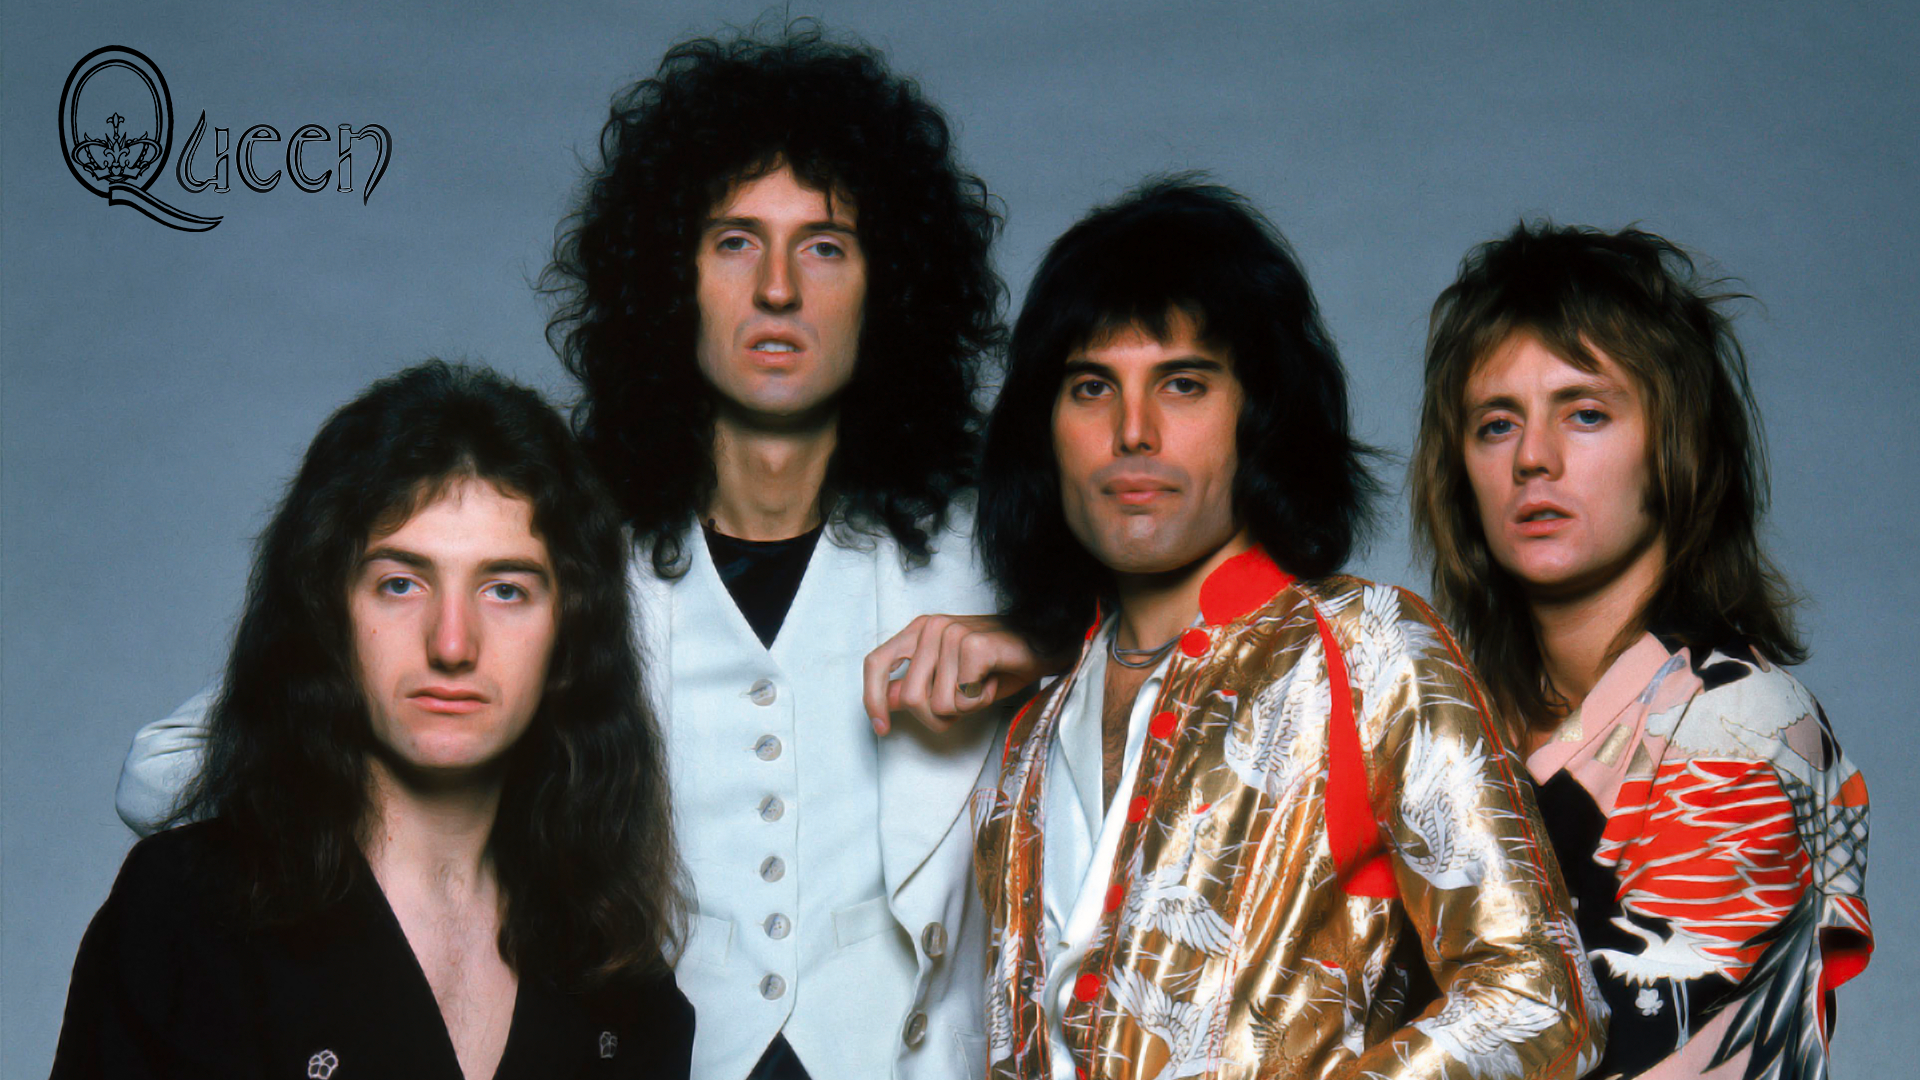 Legendárna kapela Queen! Roky pribúdajú a ochorenia tiež! Ktorý člen britskej kapely prekonal infarkt!?